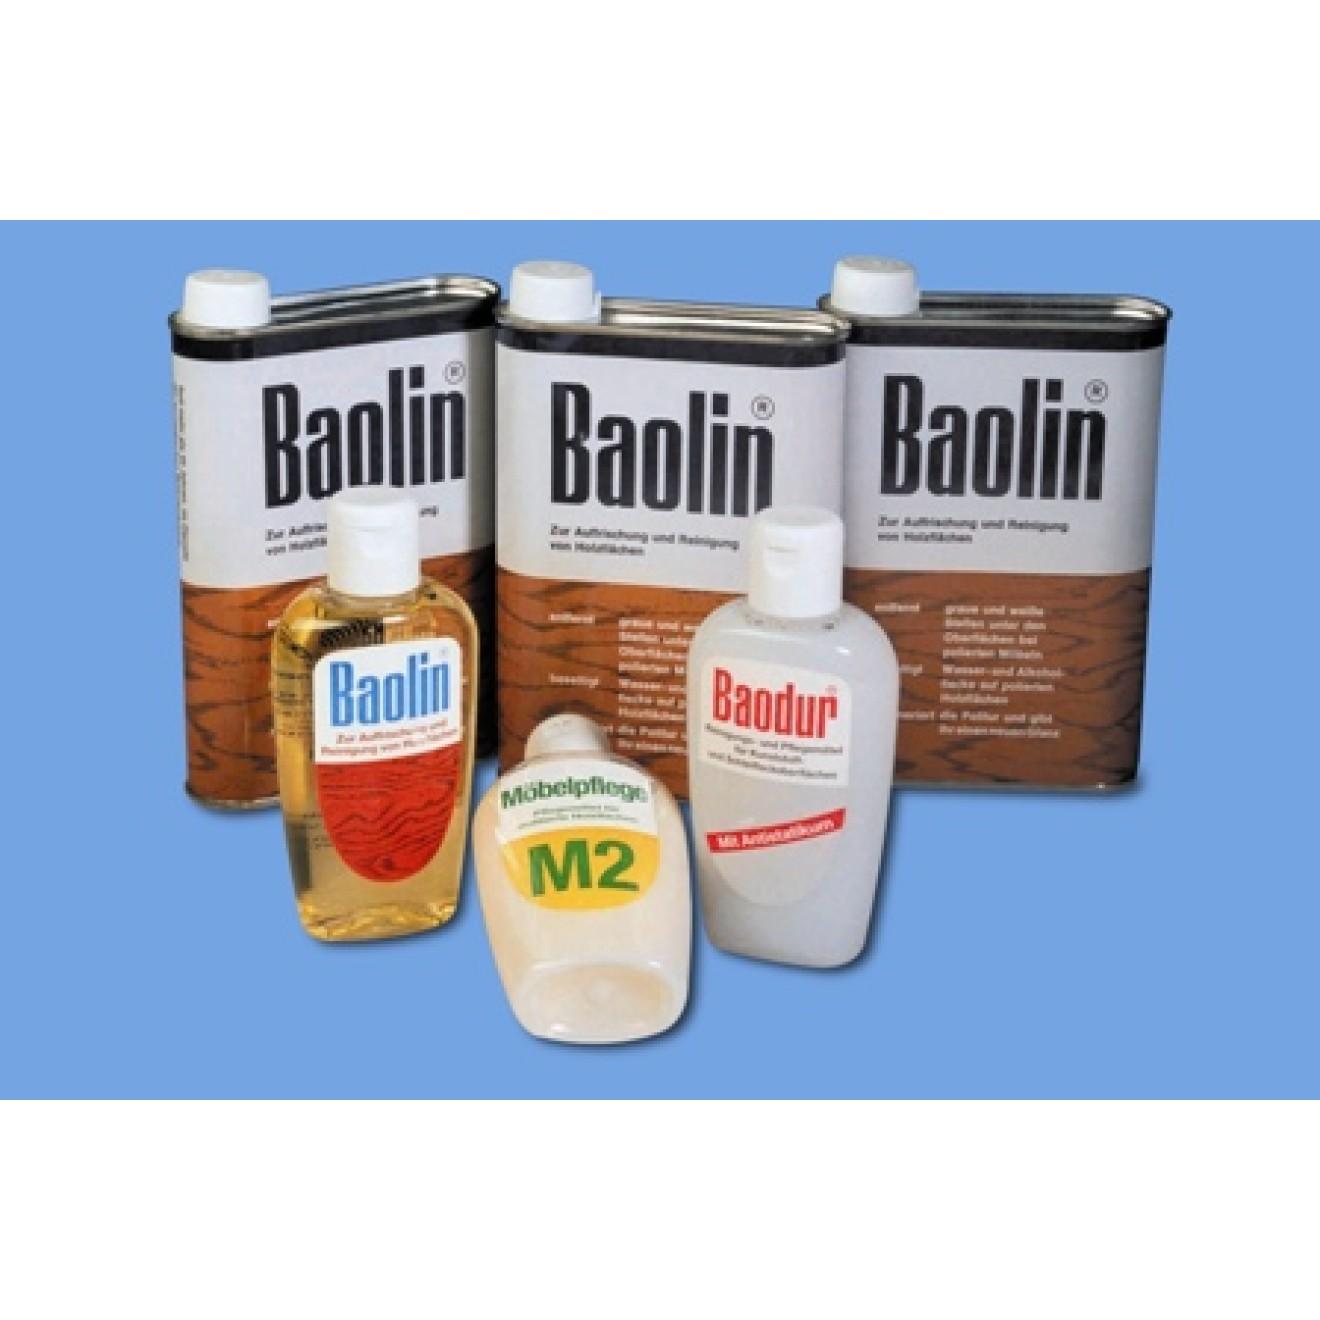 baolin spezielles pflegemittel zur reinigung und auffrischung von holzo berfl ch. Black Bedroom Furniture Sets. Home Design Ideas